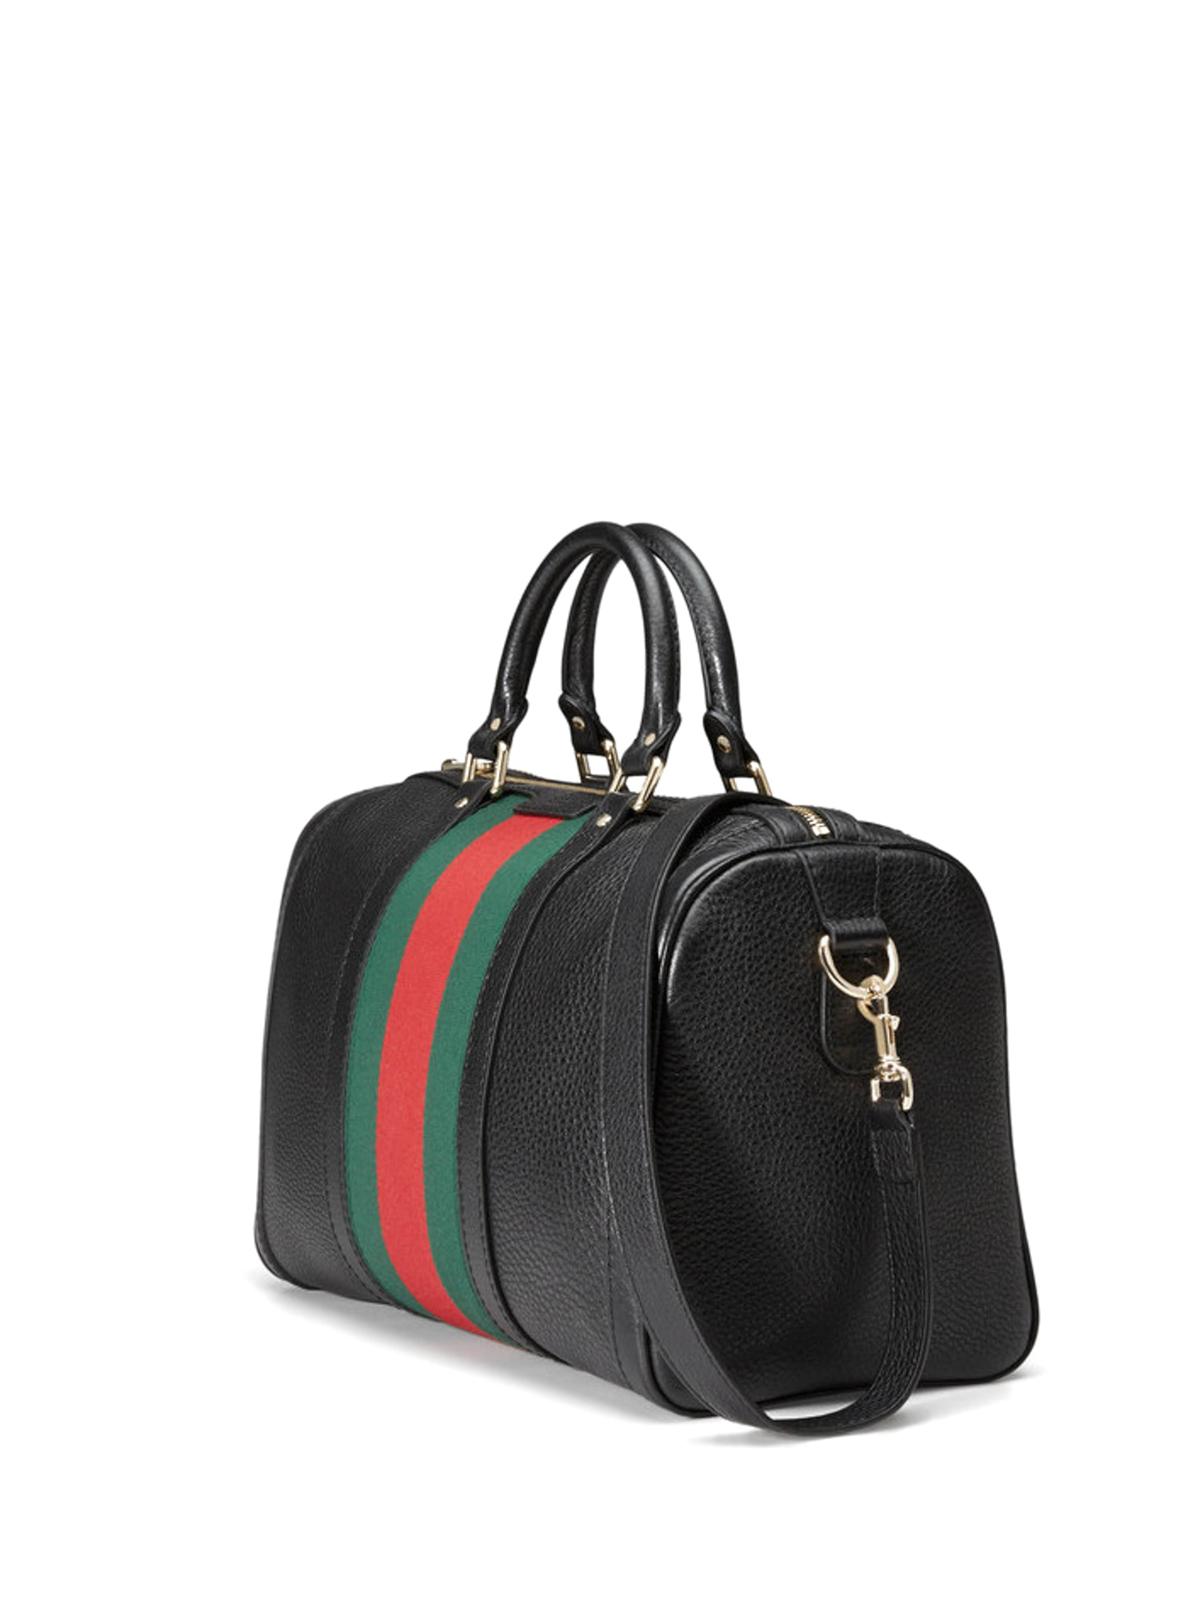 Gucci Bowling Bags Online Vintage Web Boston Bag